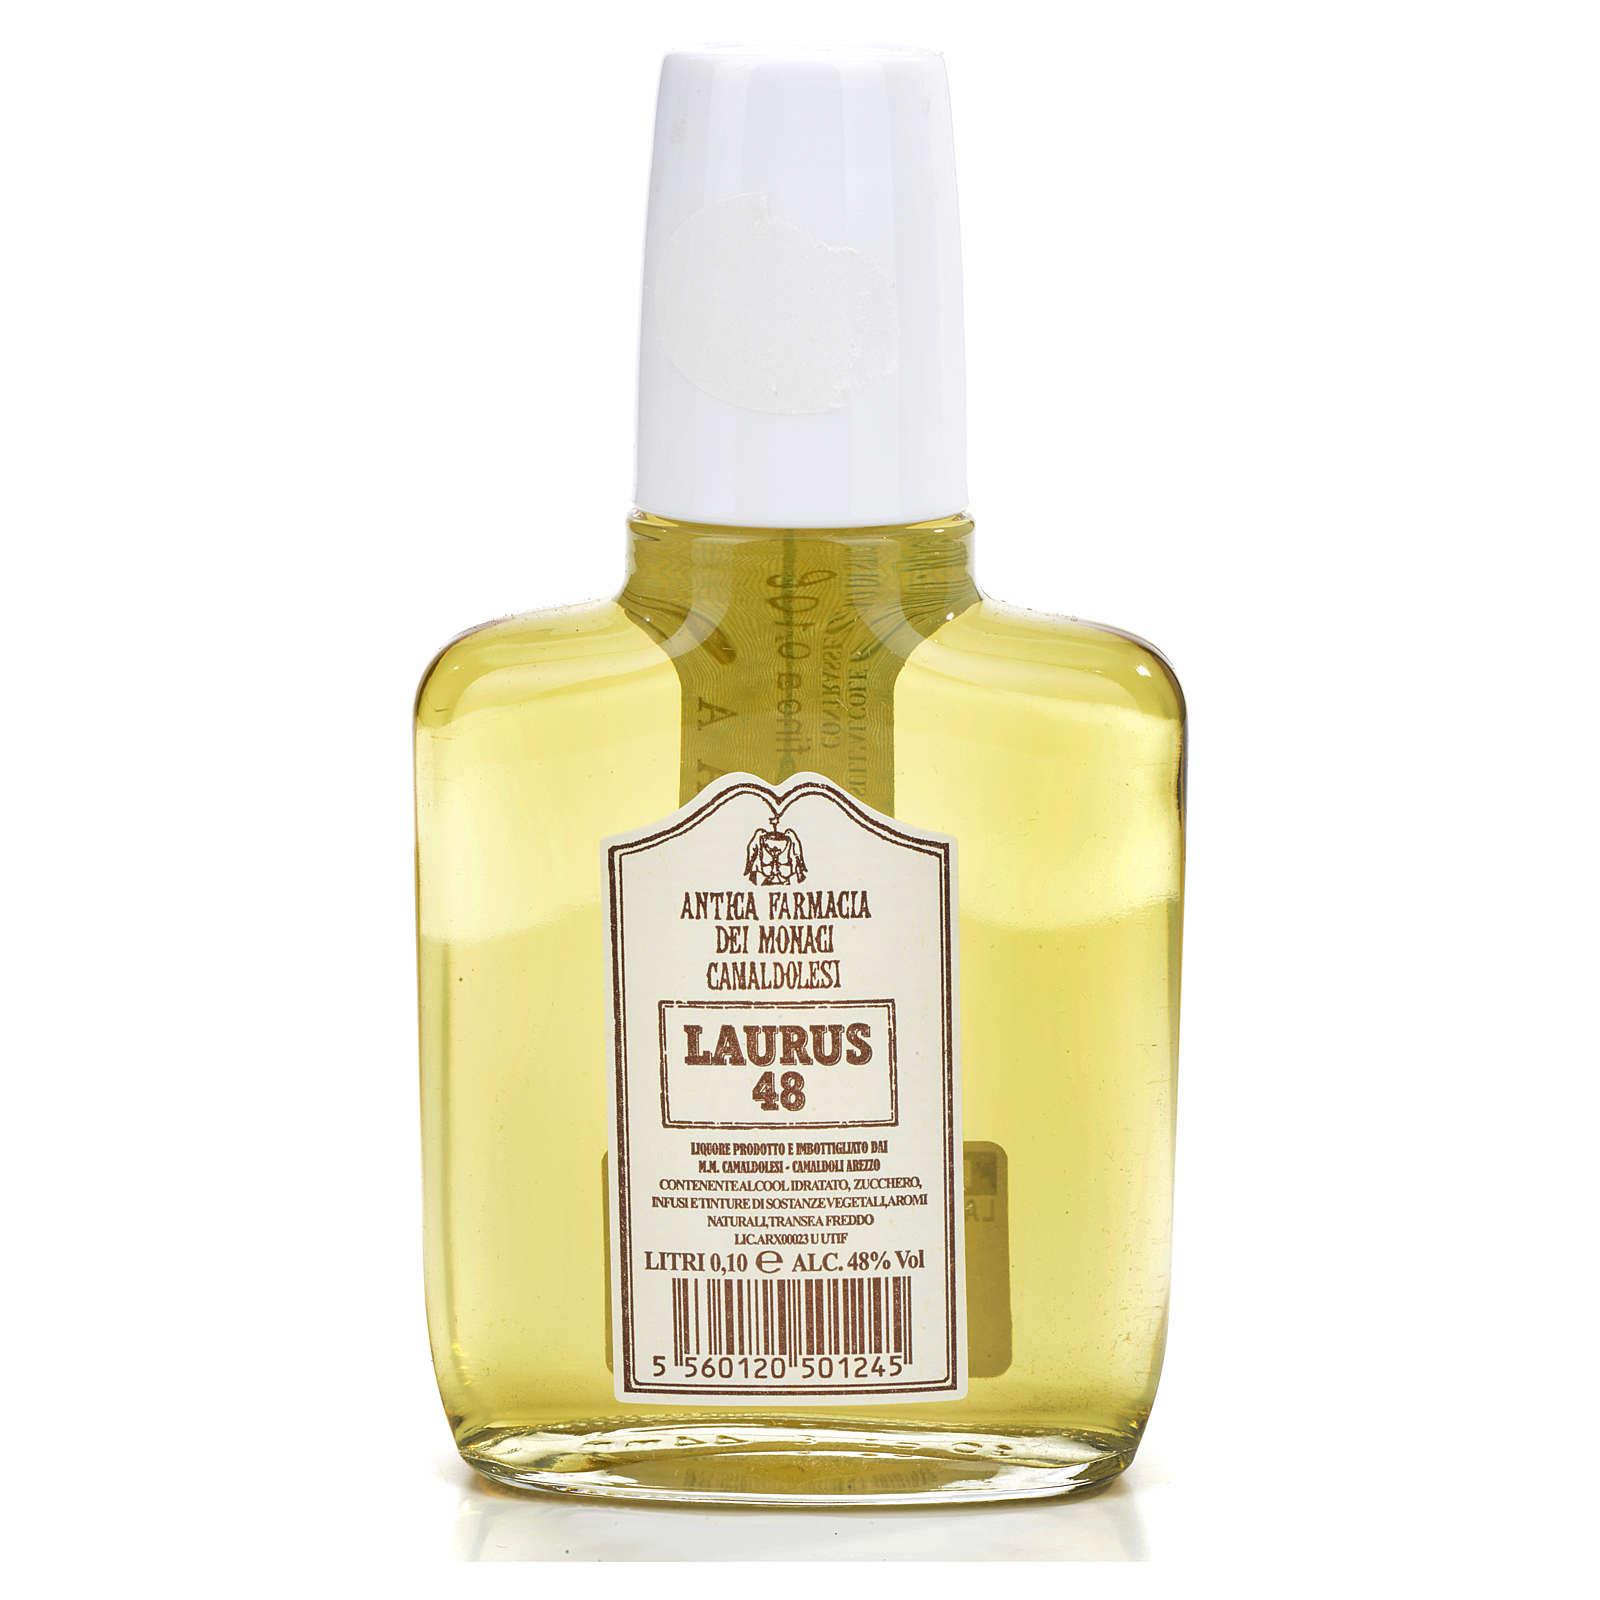 Laurus 48 Mignon 100 ml. Camaldoli 3